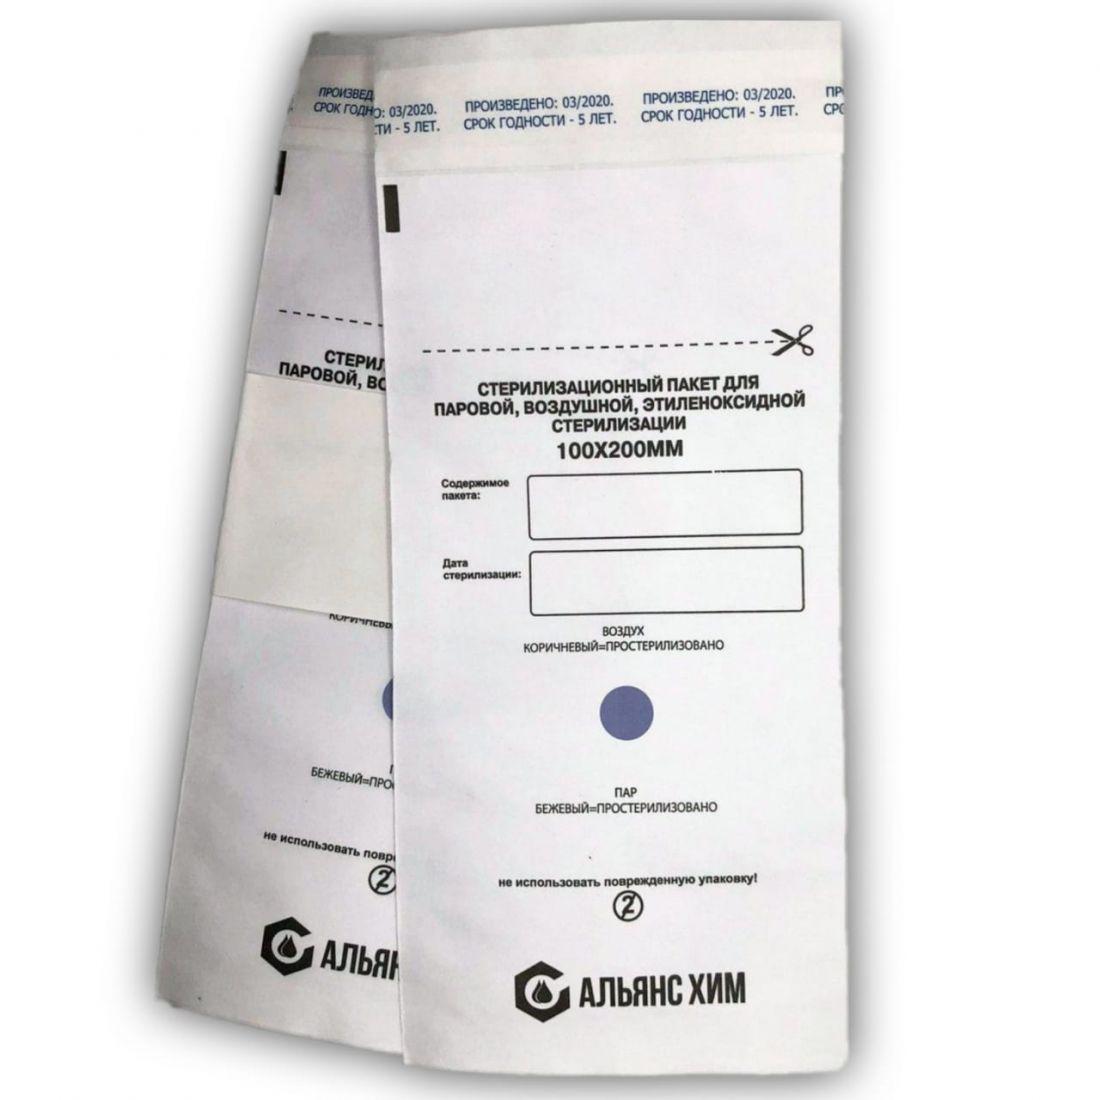 Белый пакет 100*200 для паровой и встерилизации с индикатором